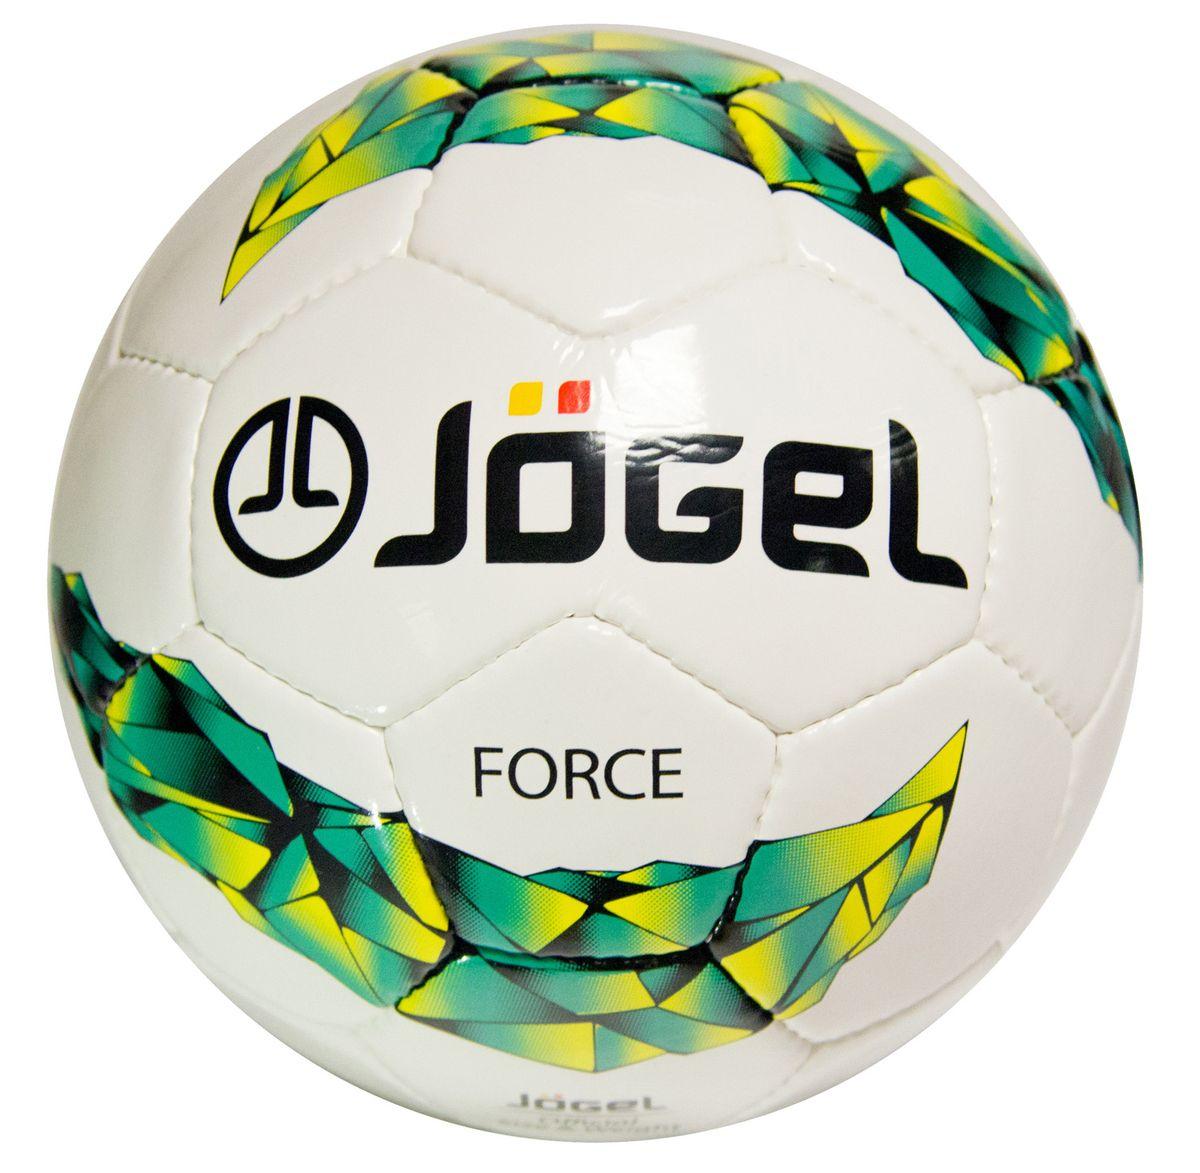 Мяч футбольный Jogel Force, цвет: белый, зеленый, желтый, черный. Размер 4. JS-450УТ-00009472Название: Мяч футбольный Jgel JS-450 Force №4 Категория: Любительский мяч Коллекция: 2016/2017 Описание: Jogel JS-450 Force прекрасная любительская модель ручной сшивки. Force является улученной модификации модели Jogel JS-400 Ultra. Улучшения коснулись материала поверхности мяча, которая за счет добавления полиуретана получила дополнительную плотность и износостойкость. Размер №4 предназначается для тренировок детей в возрасте от 8 до 12 лет. Данный мяч рекомендован для любительской игры и тренировок любительских команд. Поверхность мяча выполнена из композитной синтетической кожи (смесь полиуретана и поливинилхлорид) толщиной 1,5 мм. Мяч имеет 4 подкладочных слоя на нетканой основе (смесь хлопка с полиэстером) и оснащен латексной камерой с бутиловым ниппелем, обеспечивающим долгое сохранение воздуха в камере. Уникальной особенностью бренда Jogel является традиционная конструкция мячей из 30 панелей. Привлекательный дизайн Коллекции 2016/2017 ярко выделяет мячи Jogel на витрине....